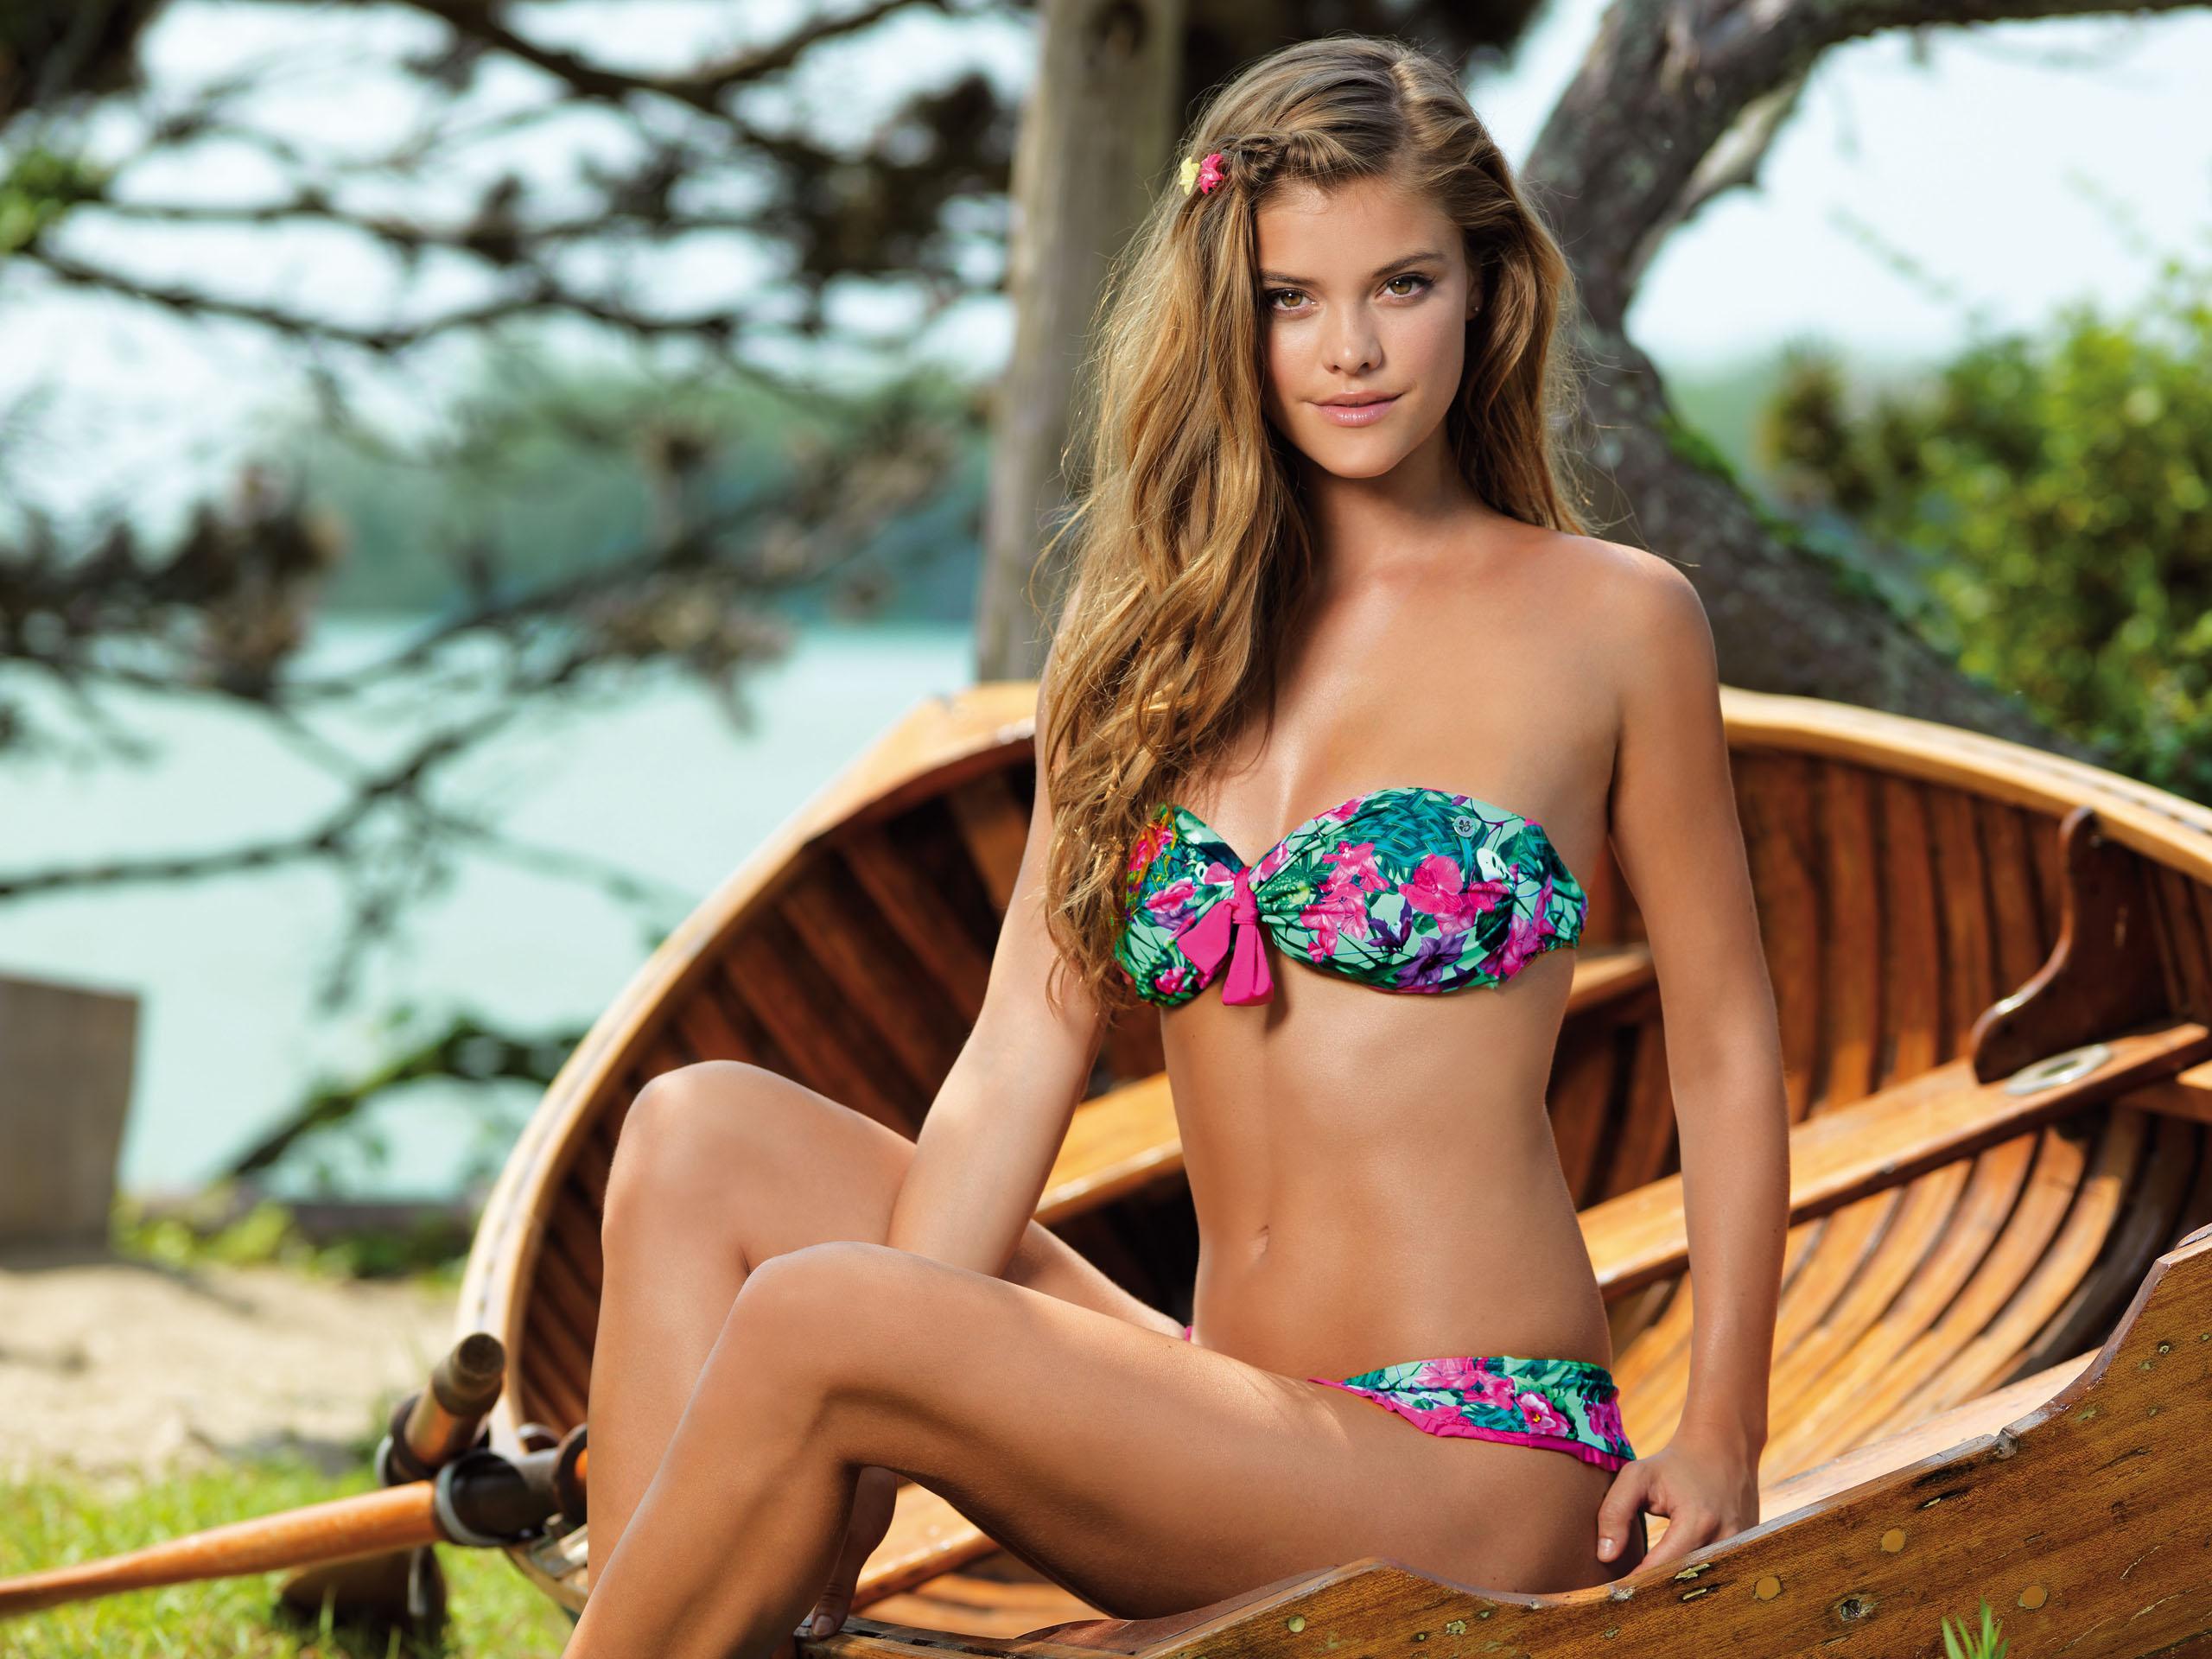 Фото подростков моделей в купальниках 4 фотография